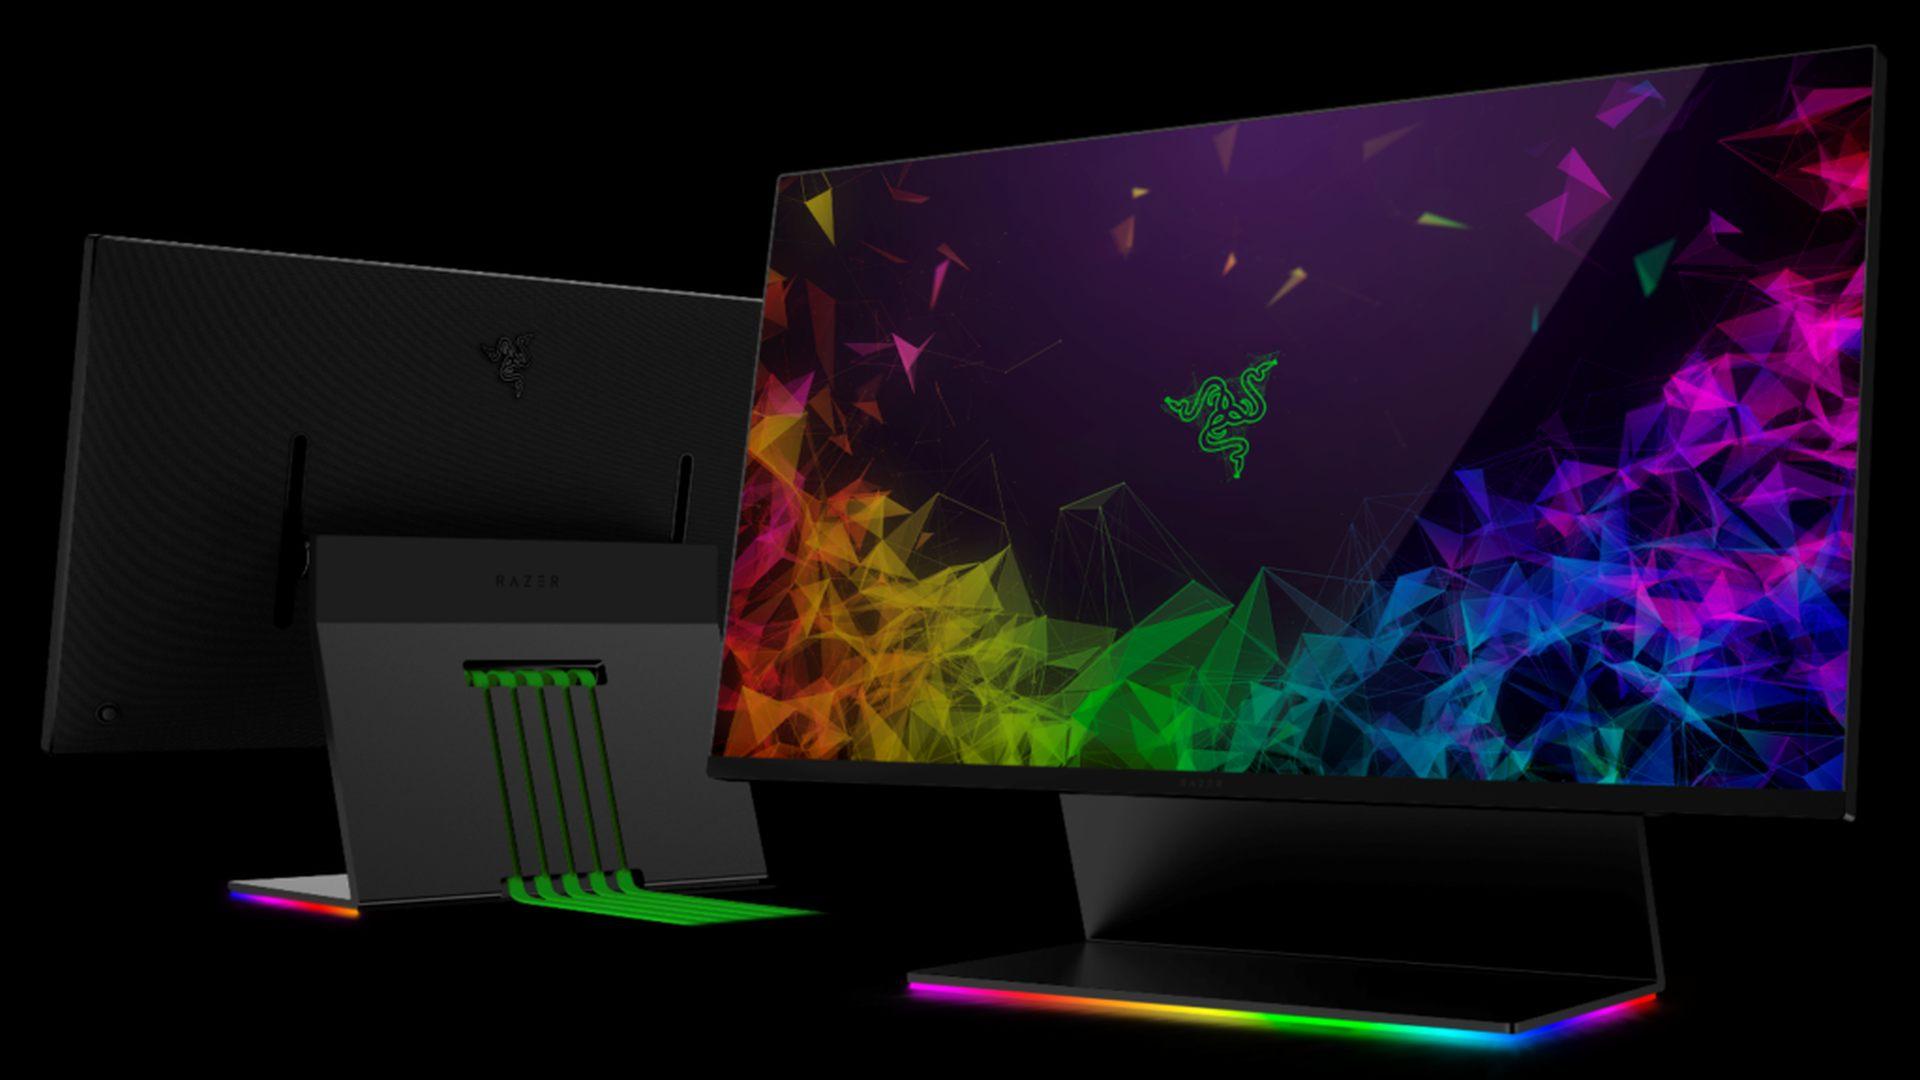 Razer анонсировала игровой монитор с подсветкой